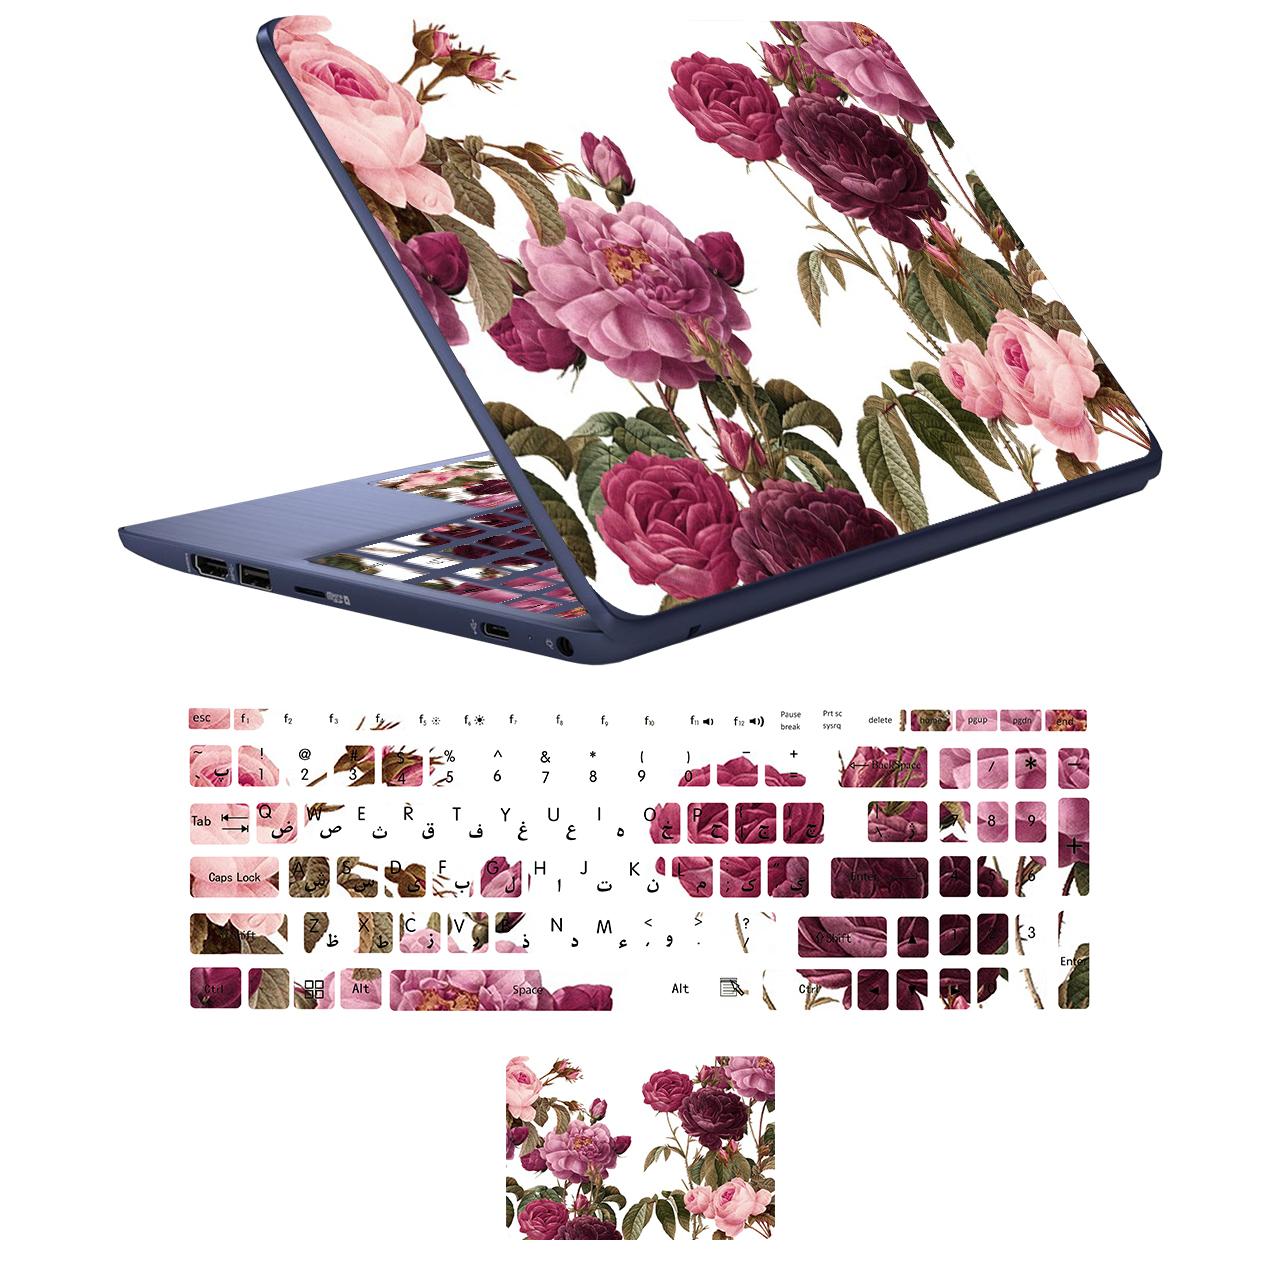 بررسی و {خرید با تخفیف} استیکر لپ تاپ مدل flo_wer مناسب برای لپ تاپ 15 تا 17 اینچ به همراه برچسب حروف فارسی کیبورد اصل